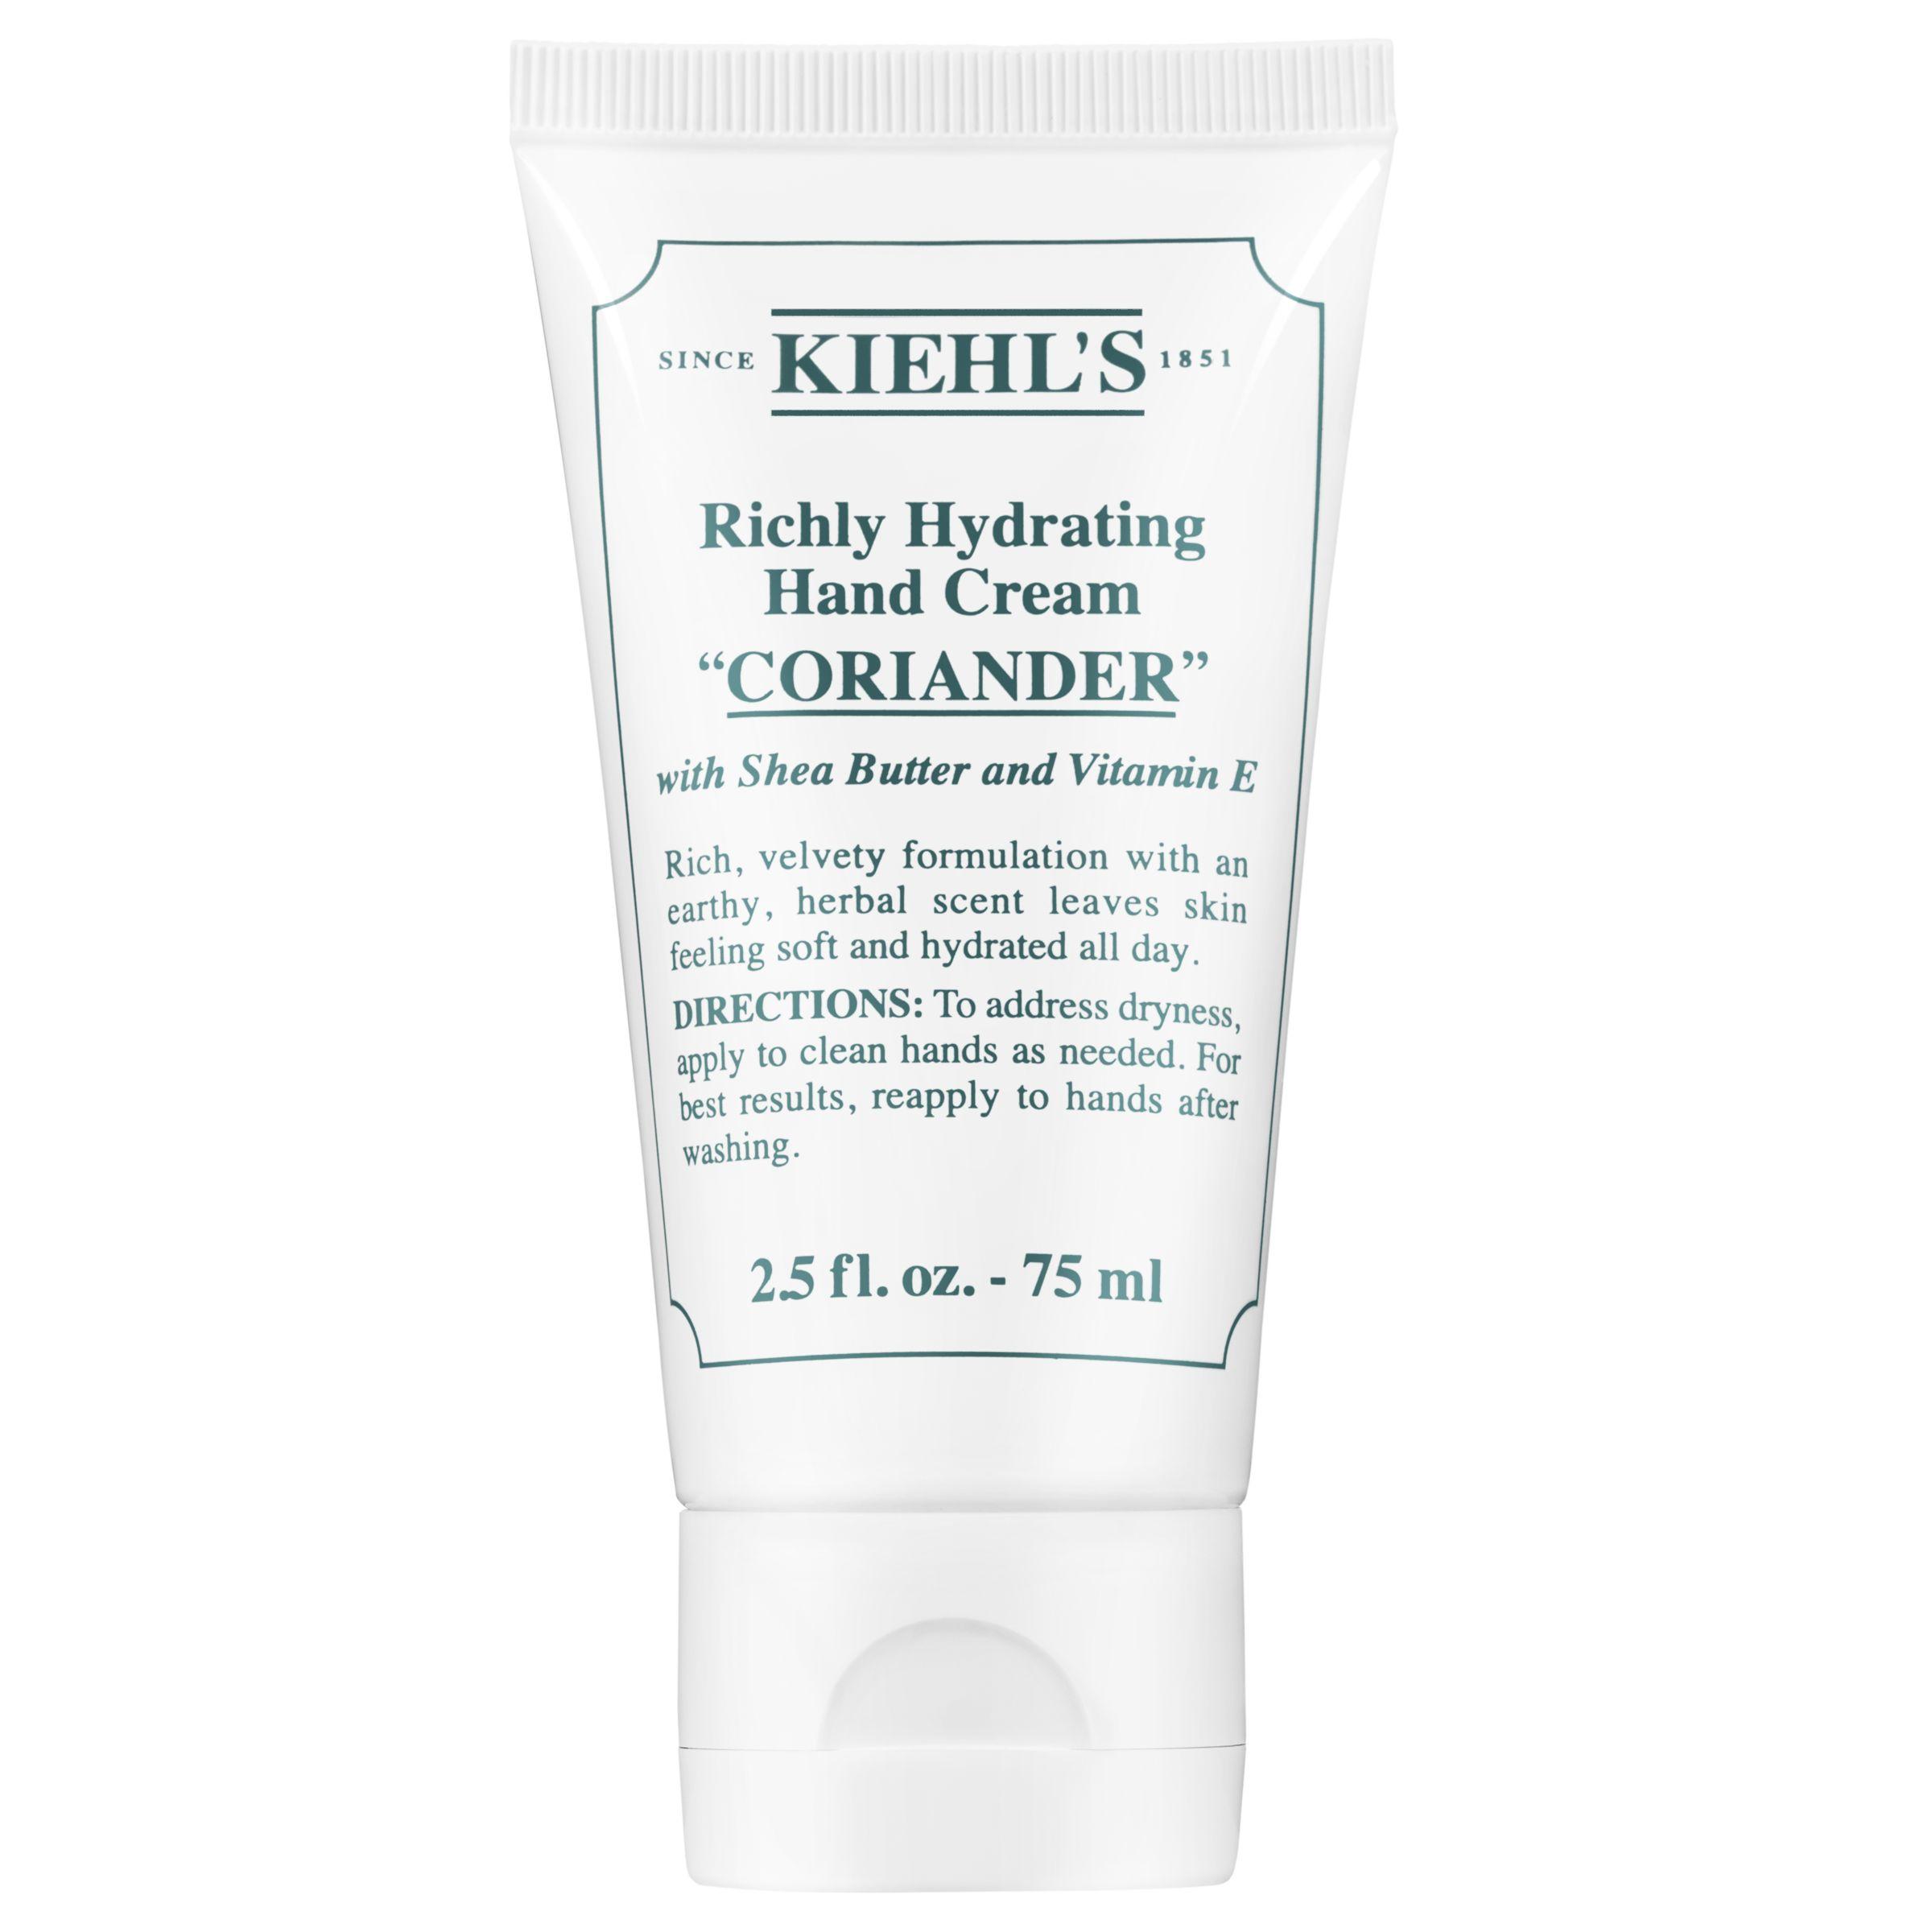 Kiehls Kiehl's Richly Hydrating Hand Cream, Coriander, 75ml